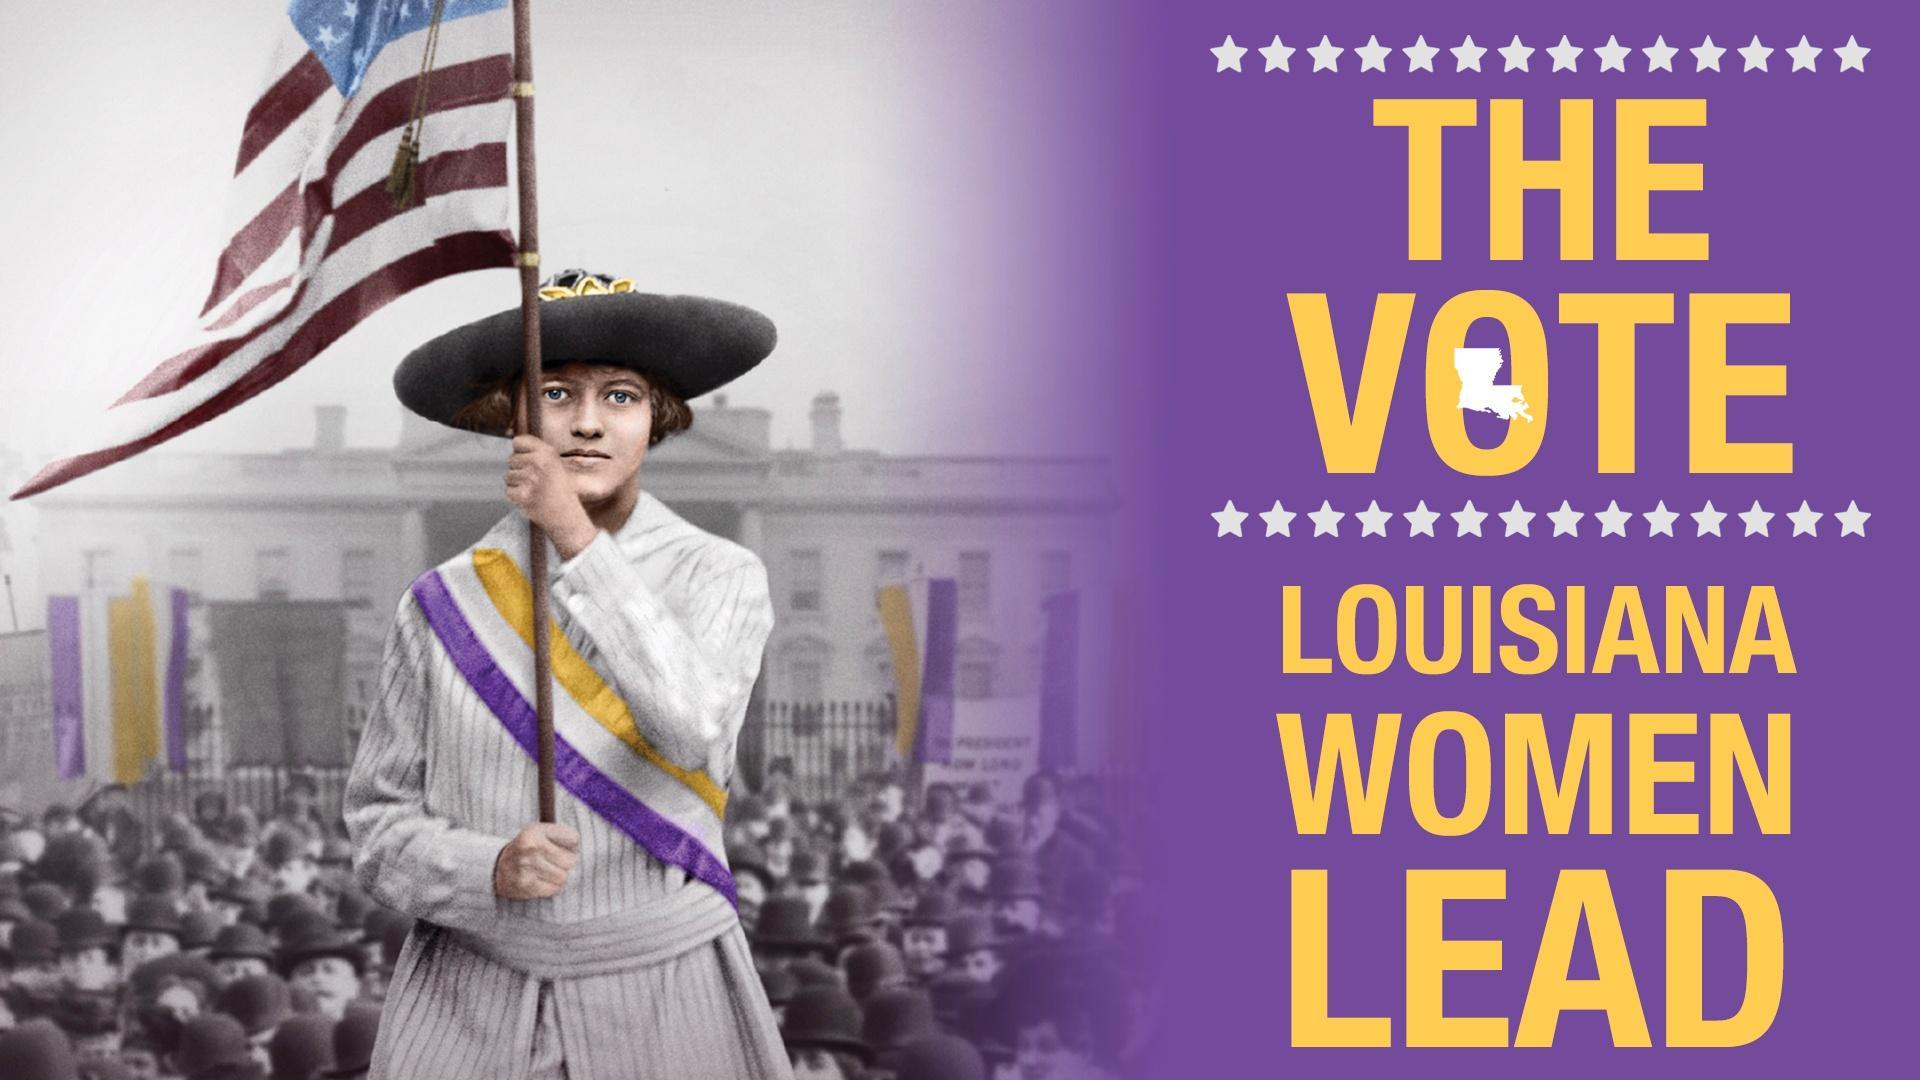 THE VOTE: LOUISIANA WOMEN LEAD